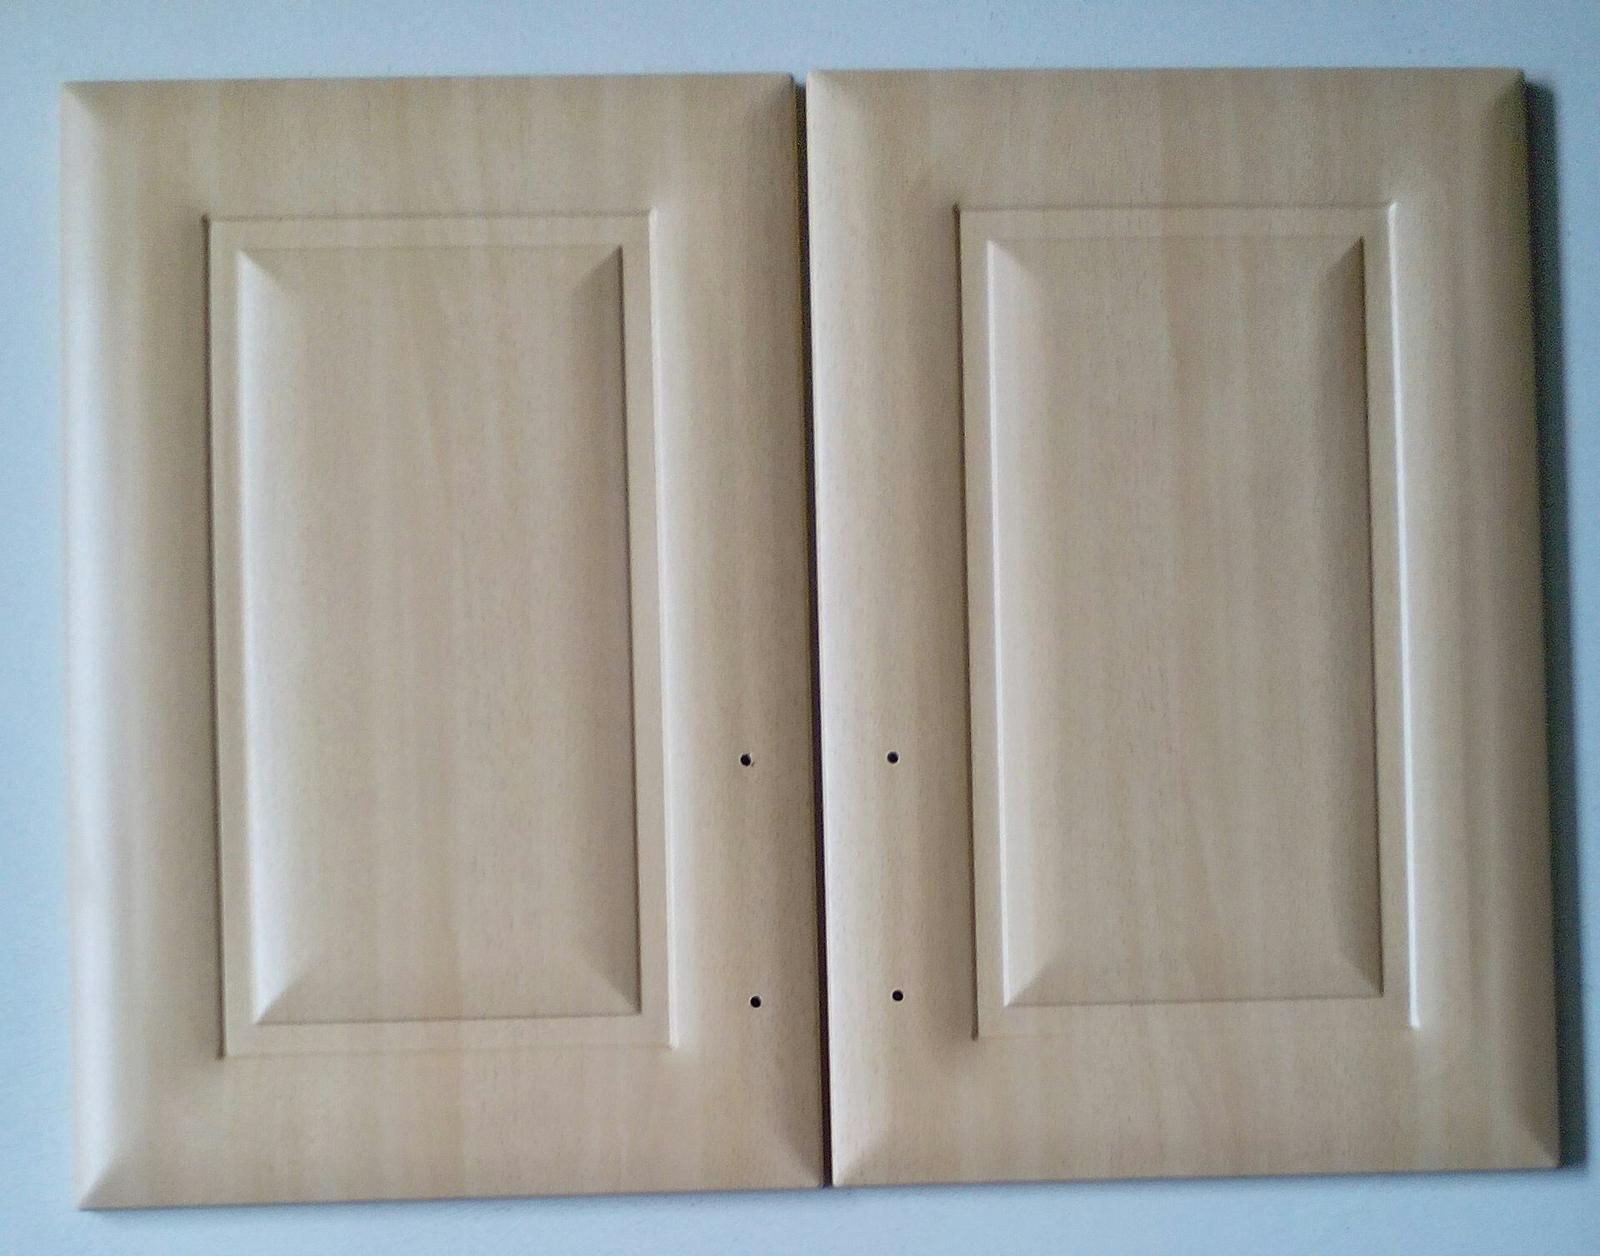 Dvierka na kuchynskú skrinku a kryty na šuplíky - Obrázok č. 1